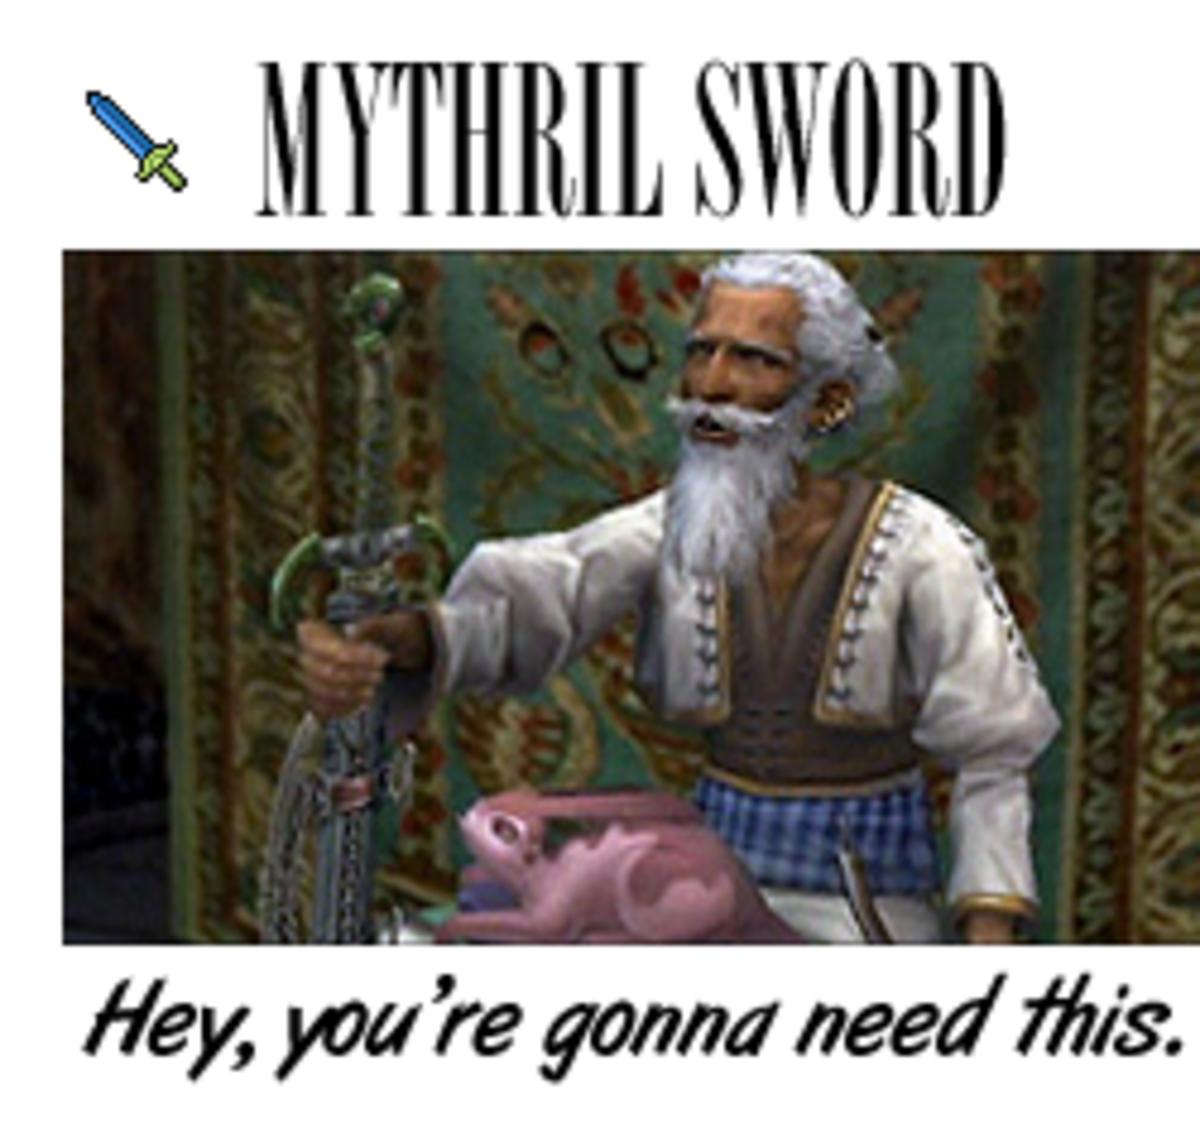 Final Fantasy Mythril Swords